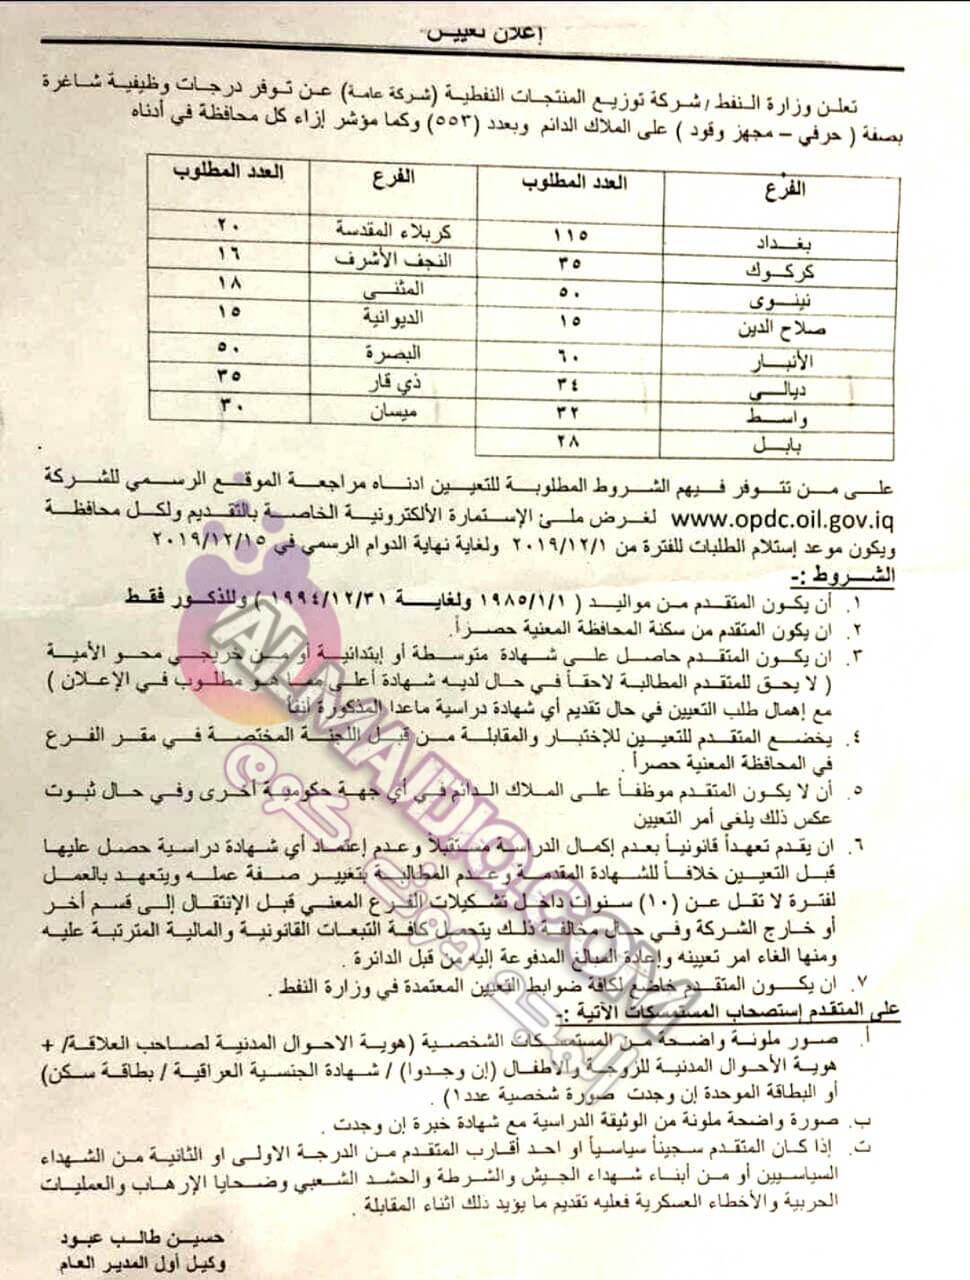 تعيينات وزارة النفط